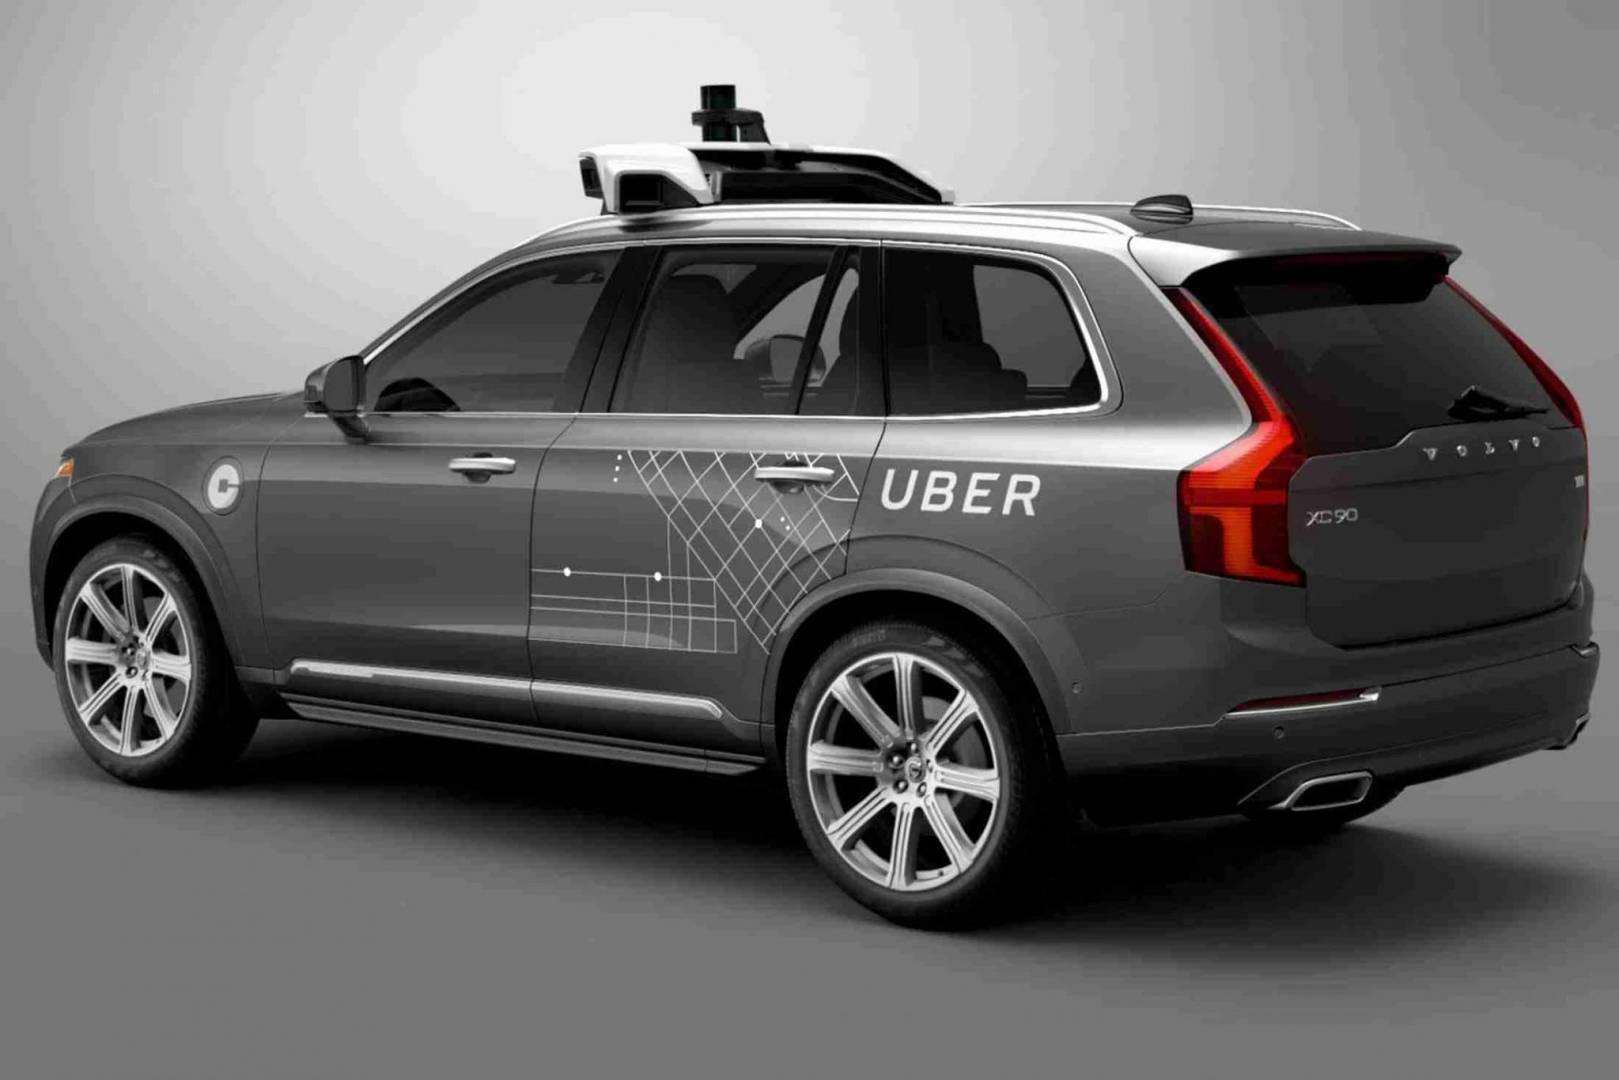 «أوبر» تختبر سياراتها ذاتية القيادة في شوارع «سان فرانسيسكو»